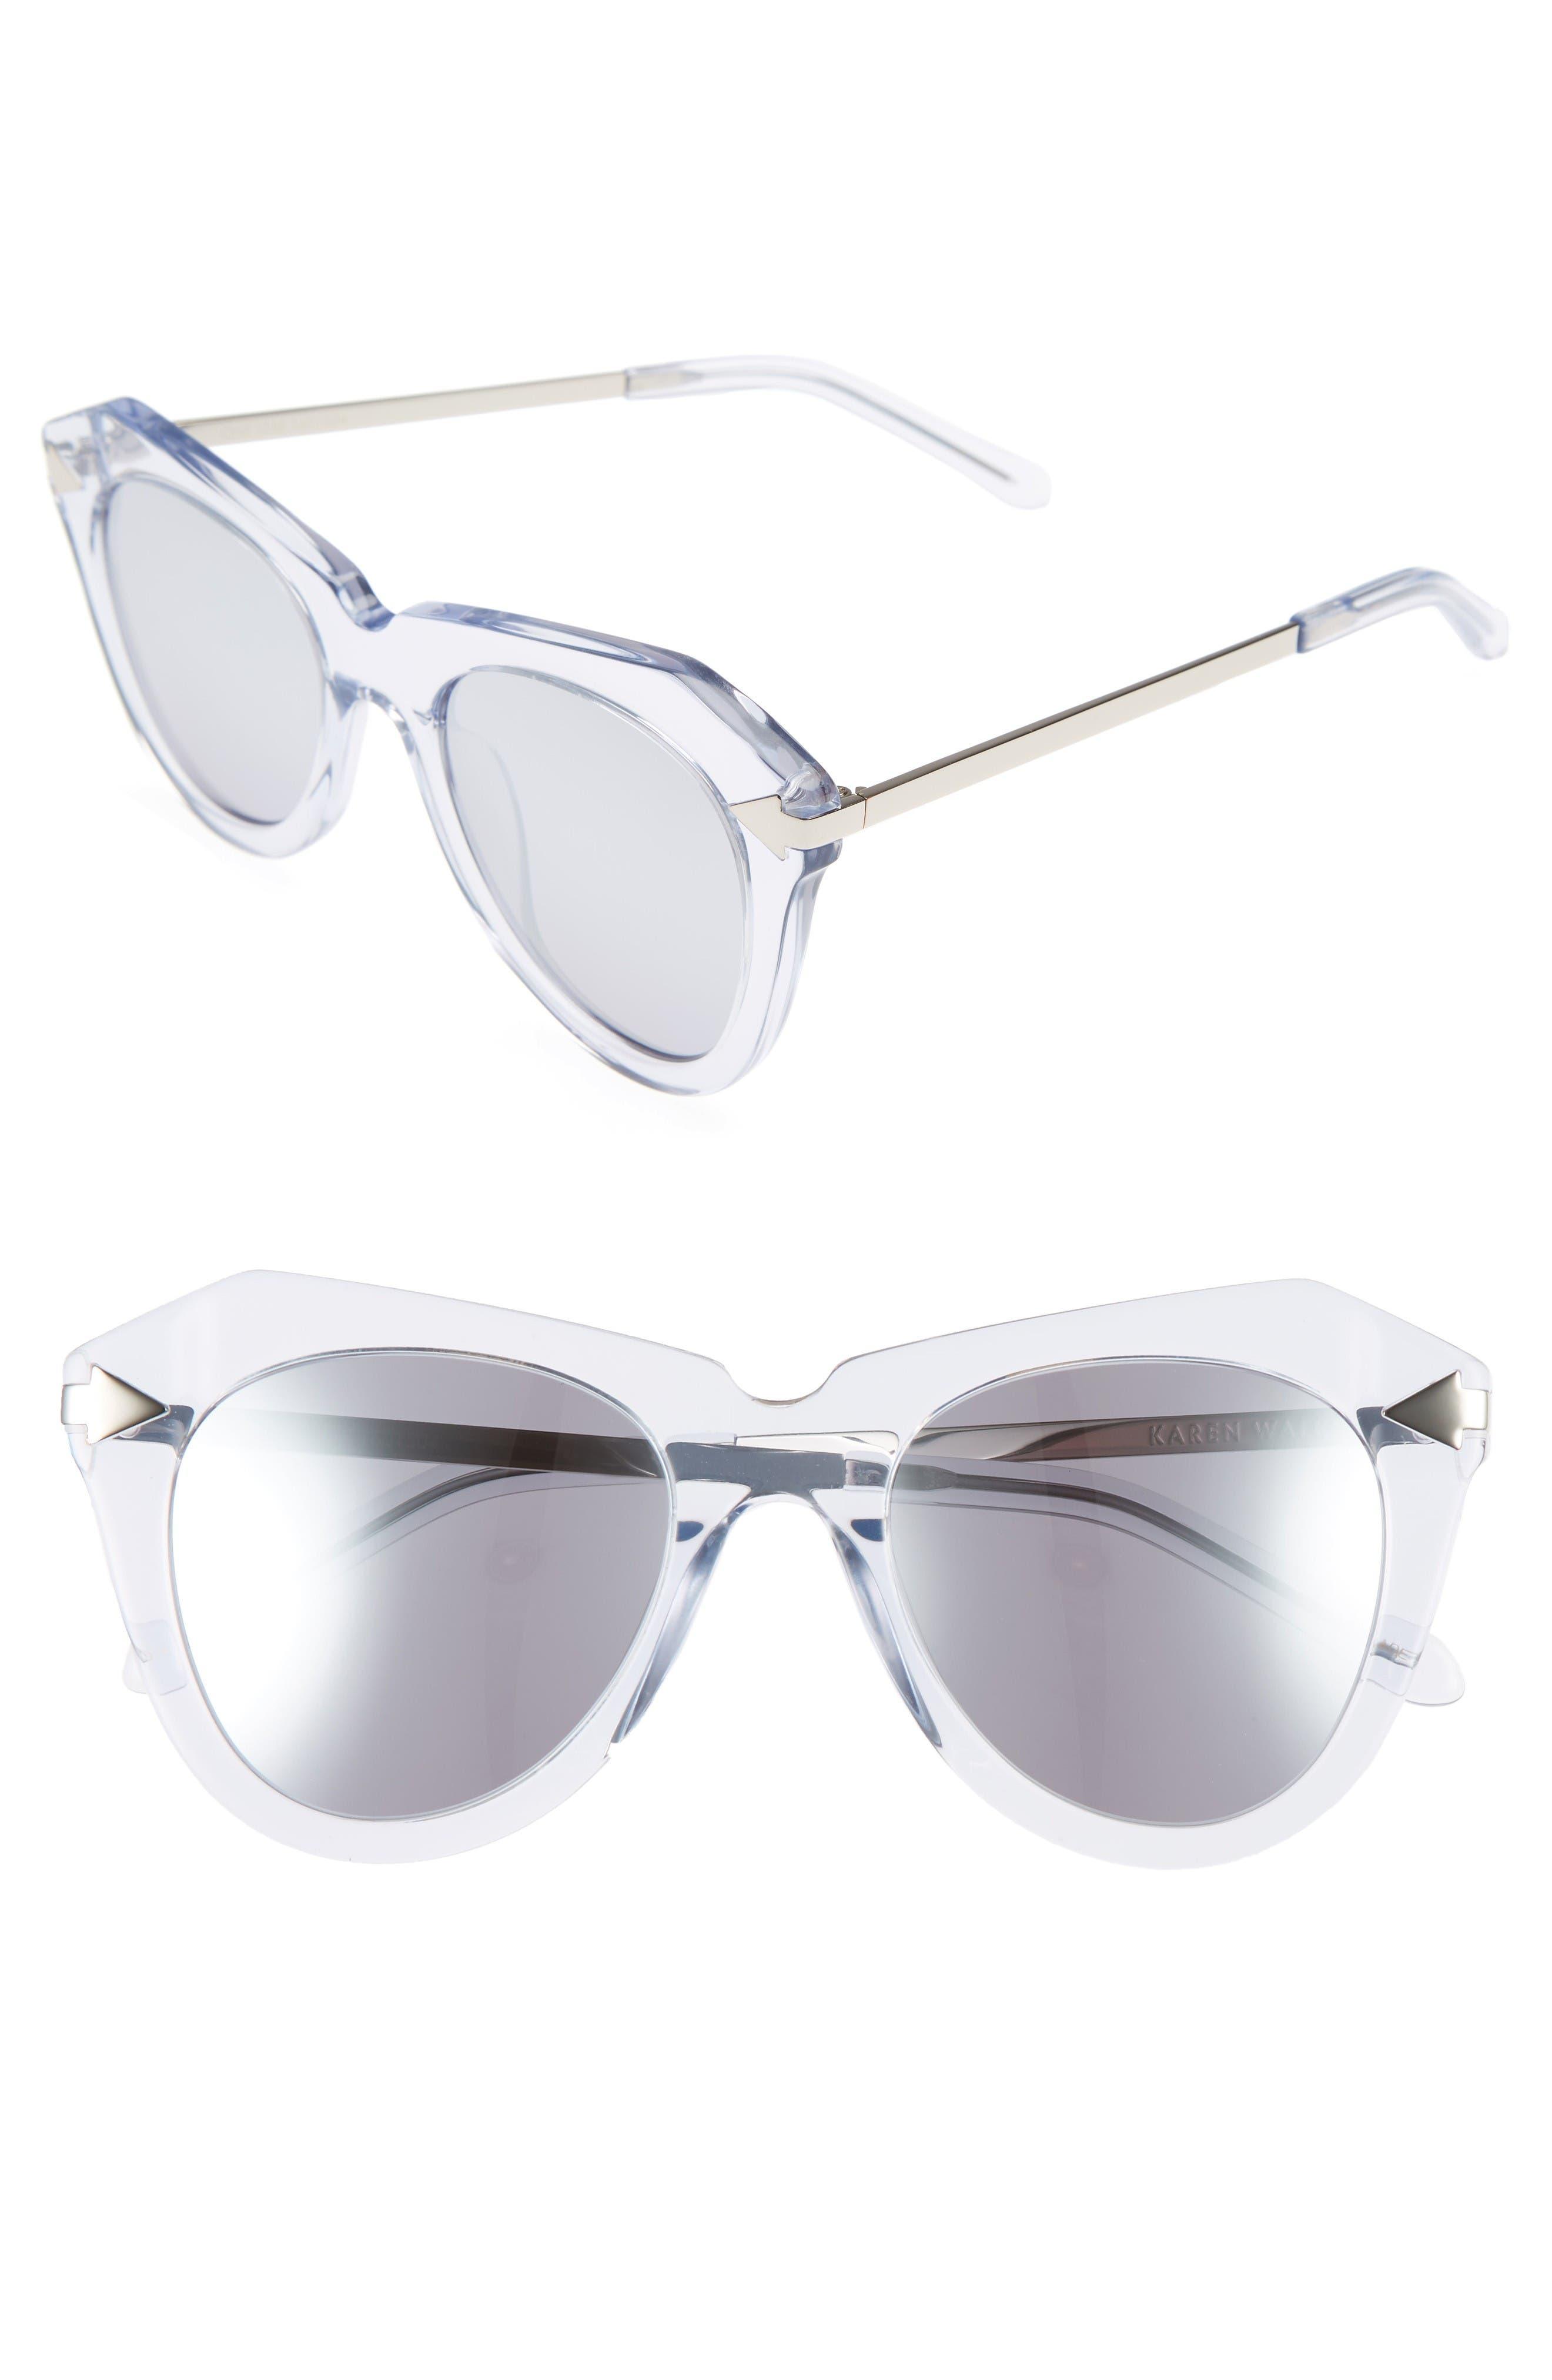 KAREN WALKER One Star 50mm Retro Sunglasses